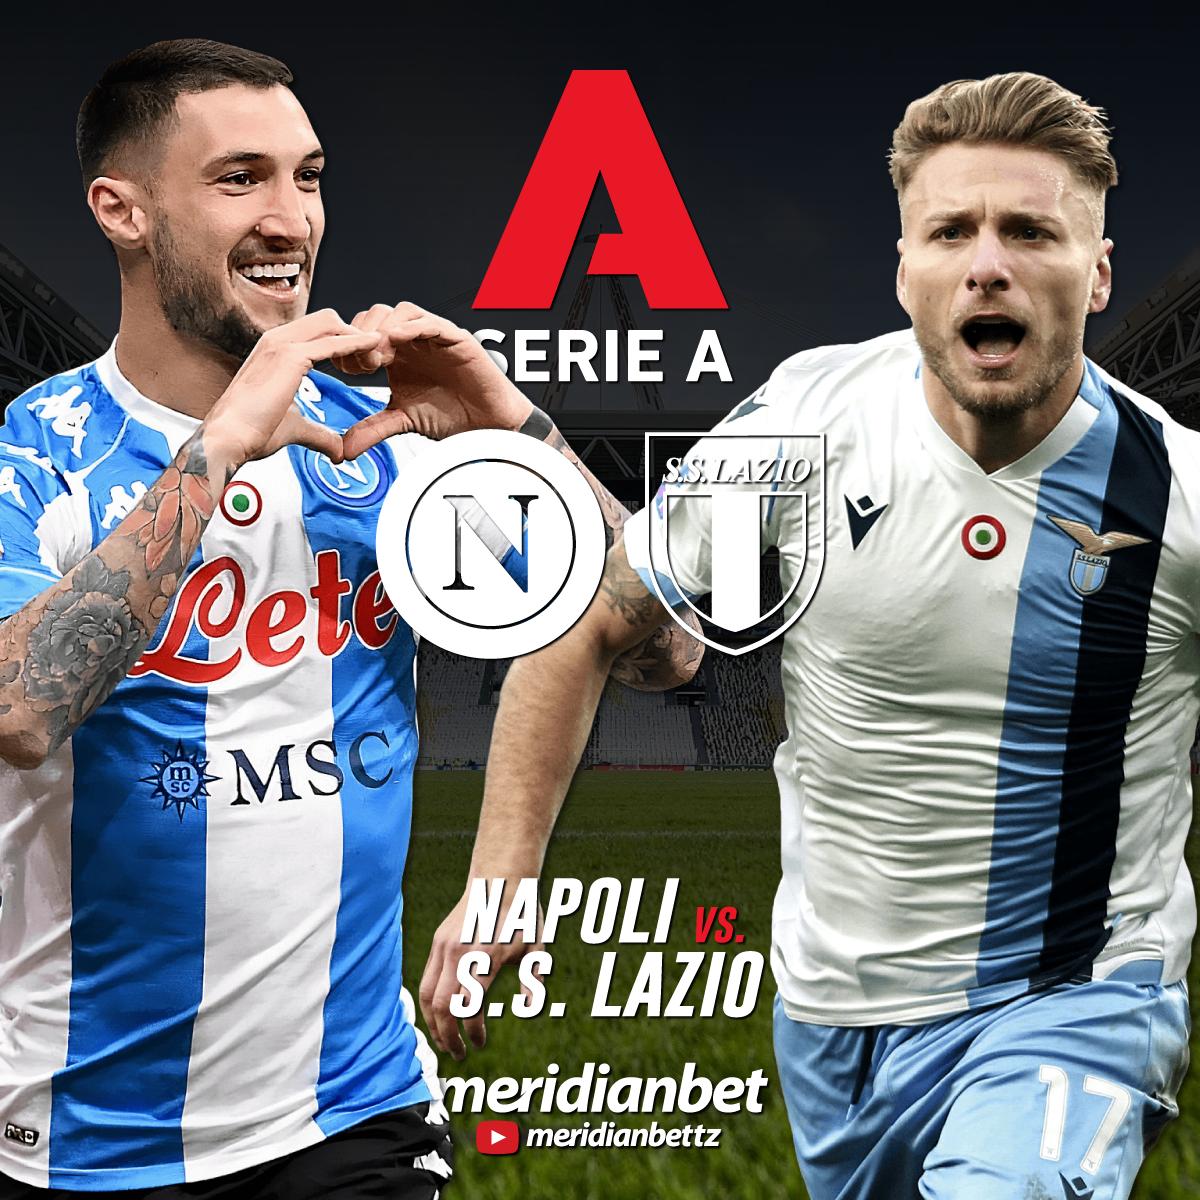 Napoli vs. Lazio: Taarifa na Vikosi